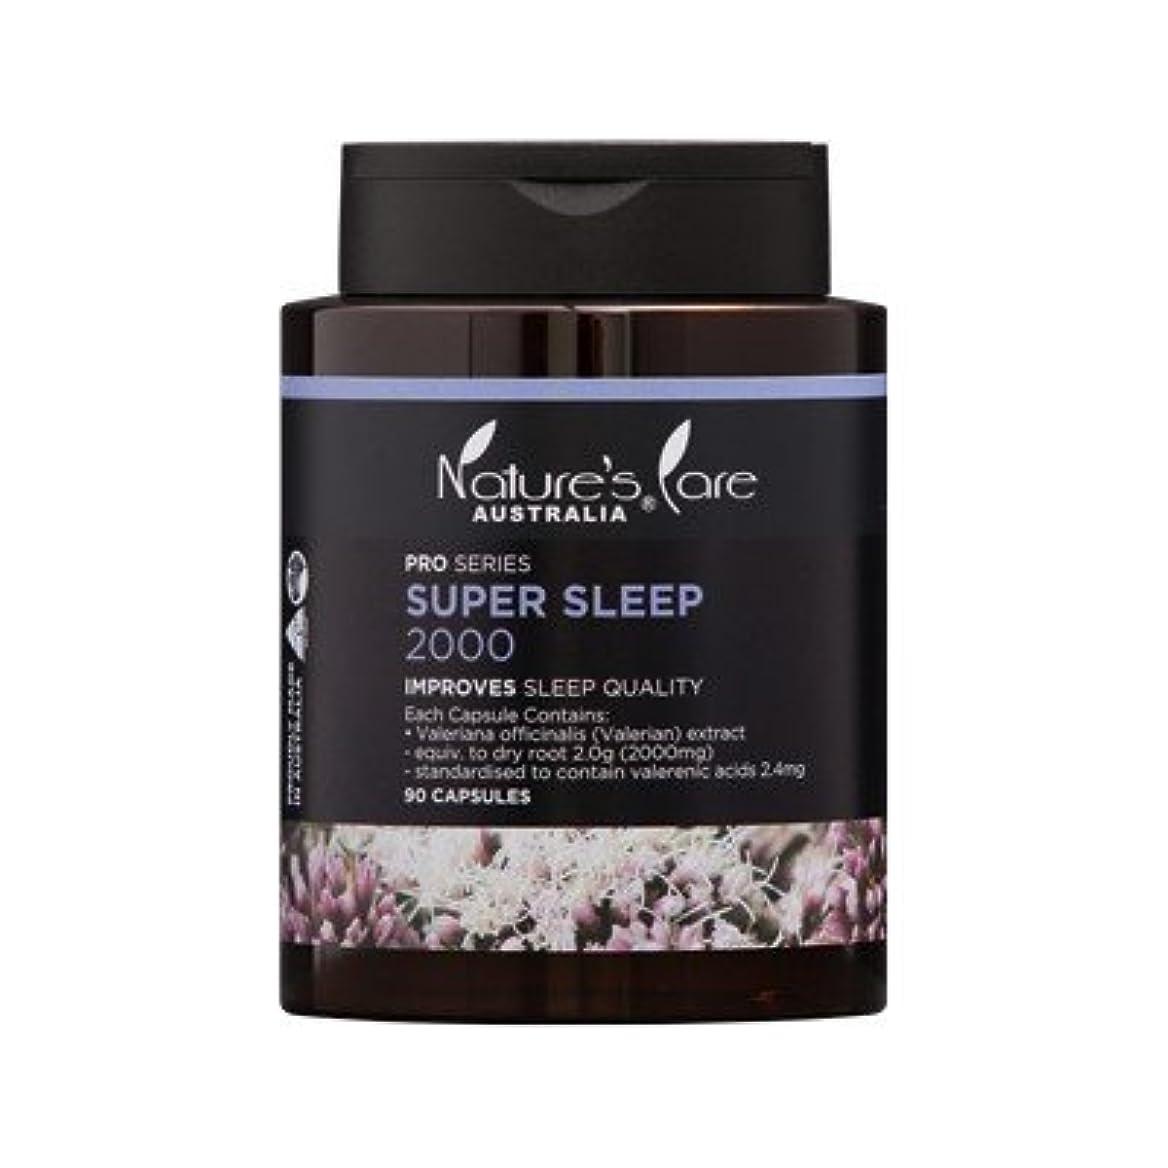 風景情緒的周術期【Nature's Care】上質な睡眠をサポート☆Super Sleep スーパースリープ 2000mg 90カプセル入